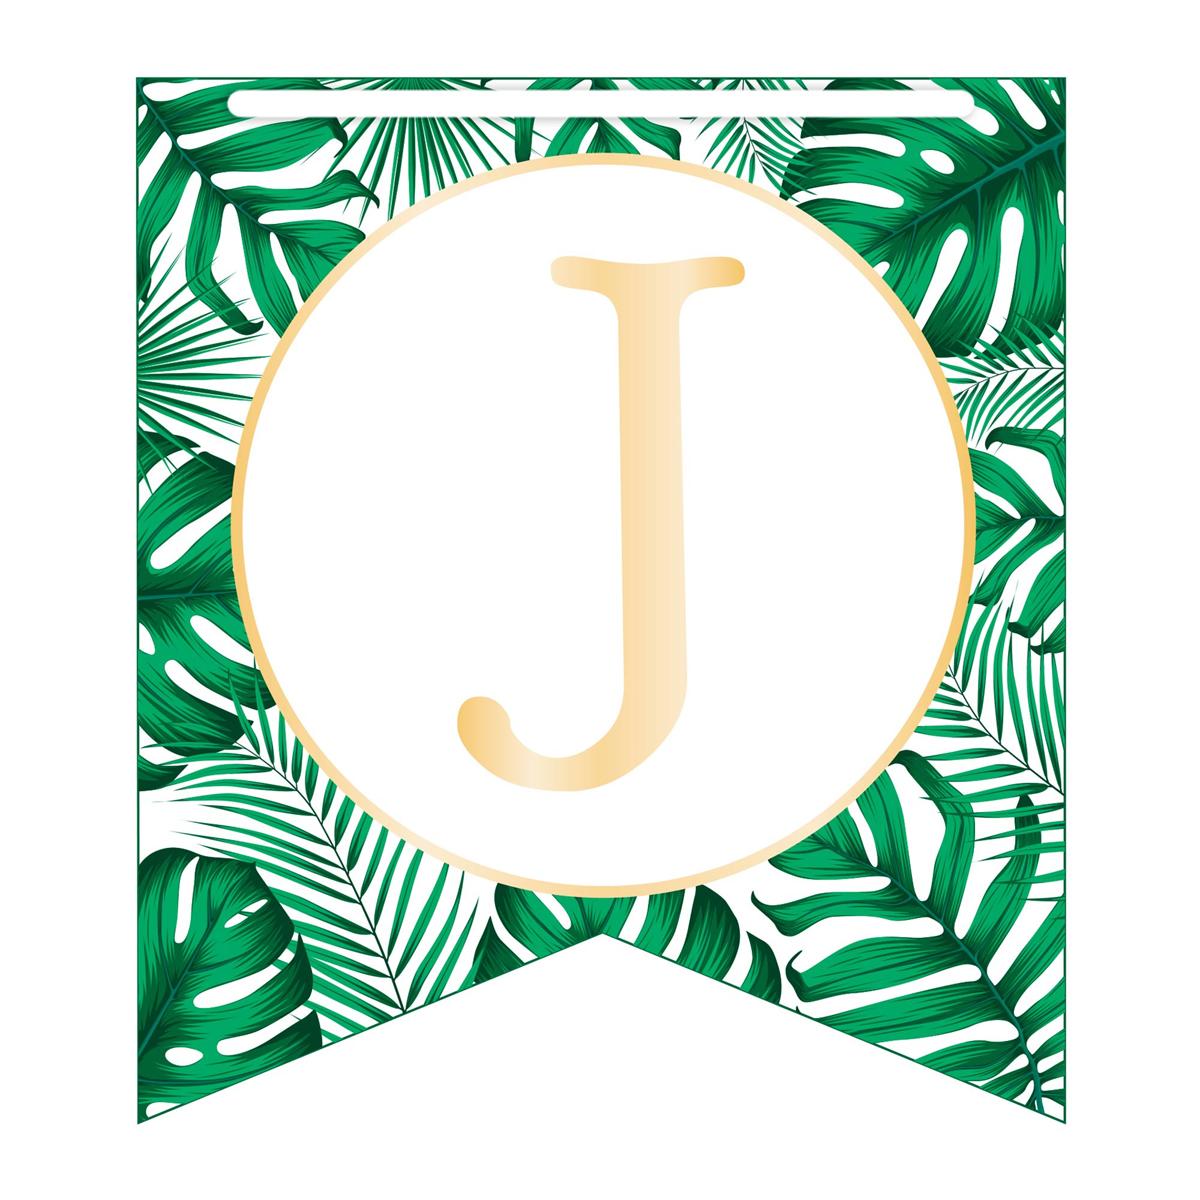 Guirlande \'Joyeux Anniversaire\' vert doré (tropical) - 5 m 19 fanions - [A2742]